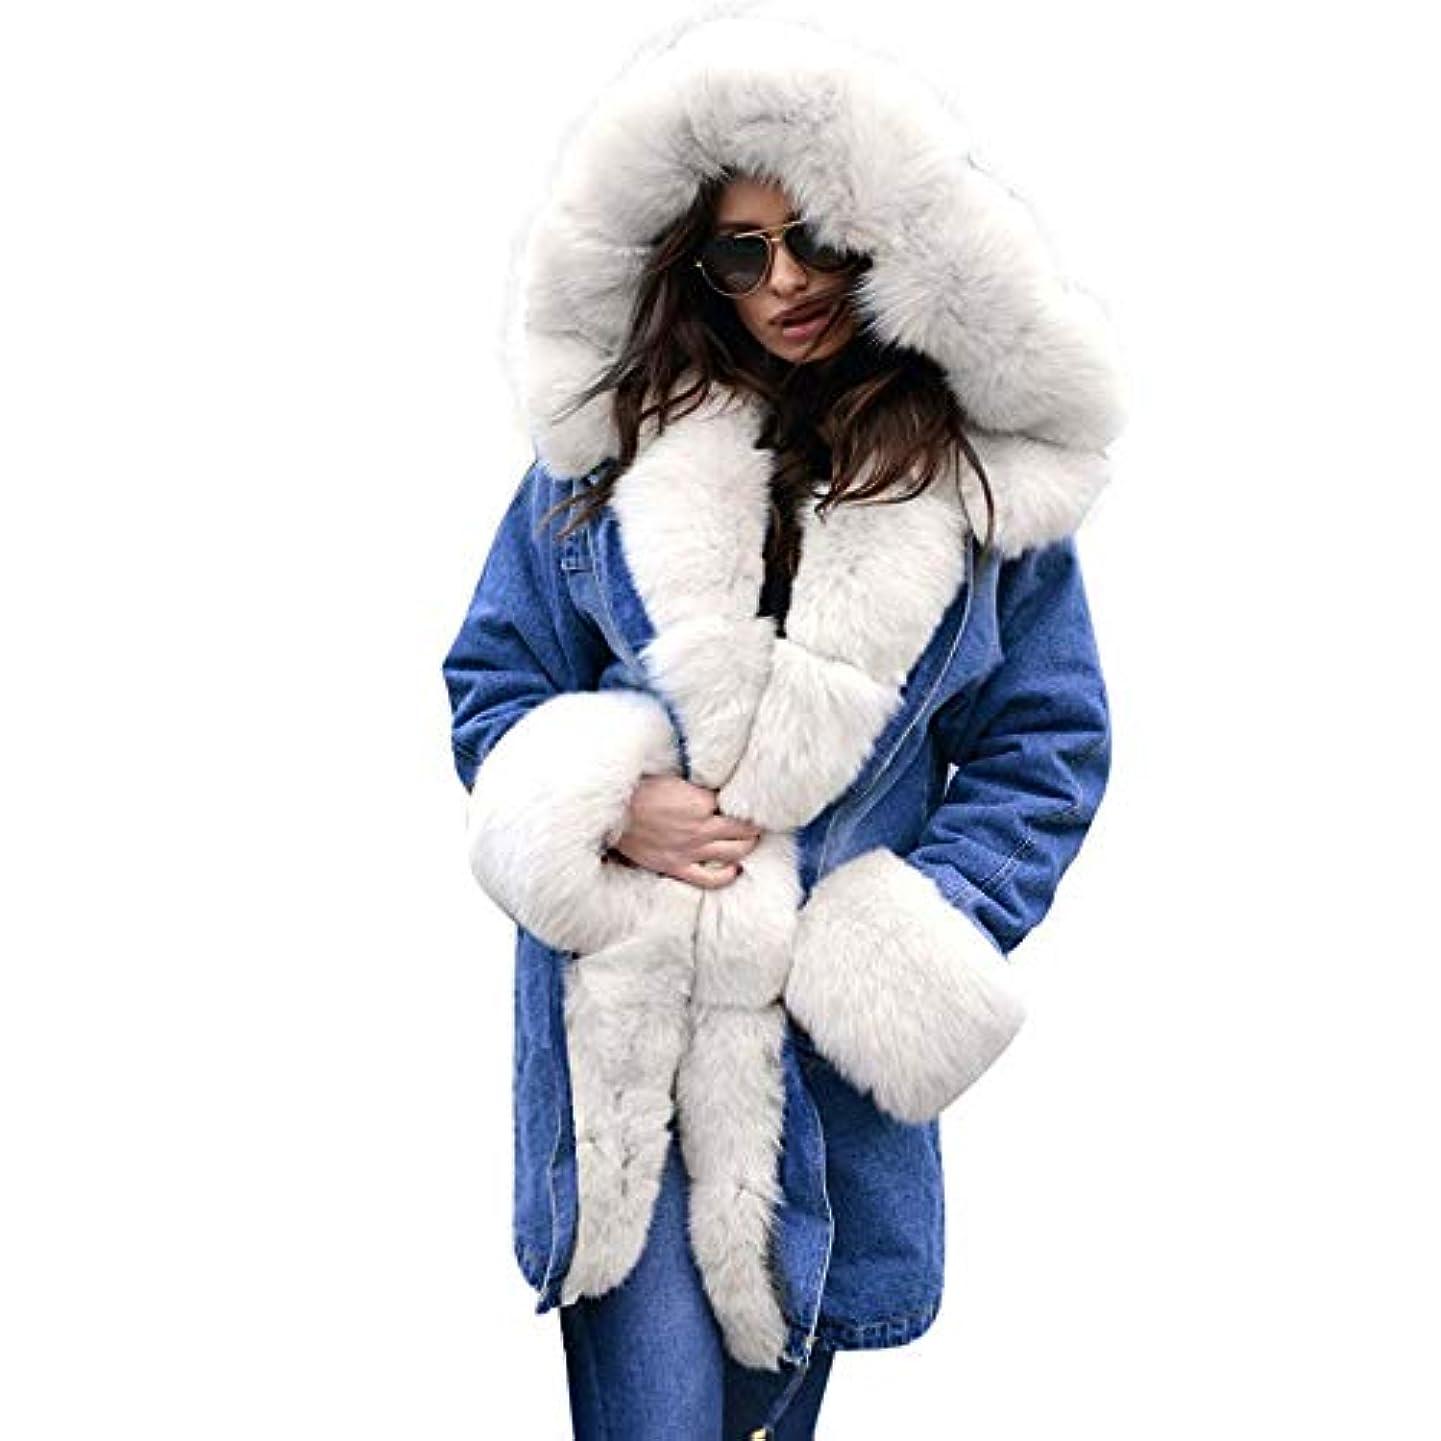 シュリンク誠実さコンテストファッションウィンタージャケット女性ウォームコートフェイクファーコットンフリースオーバーコート女性ロングフードコートパーカスパーカー,L